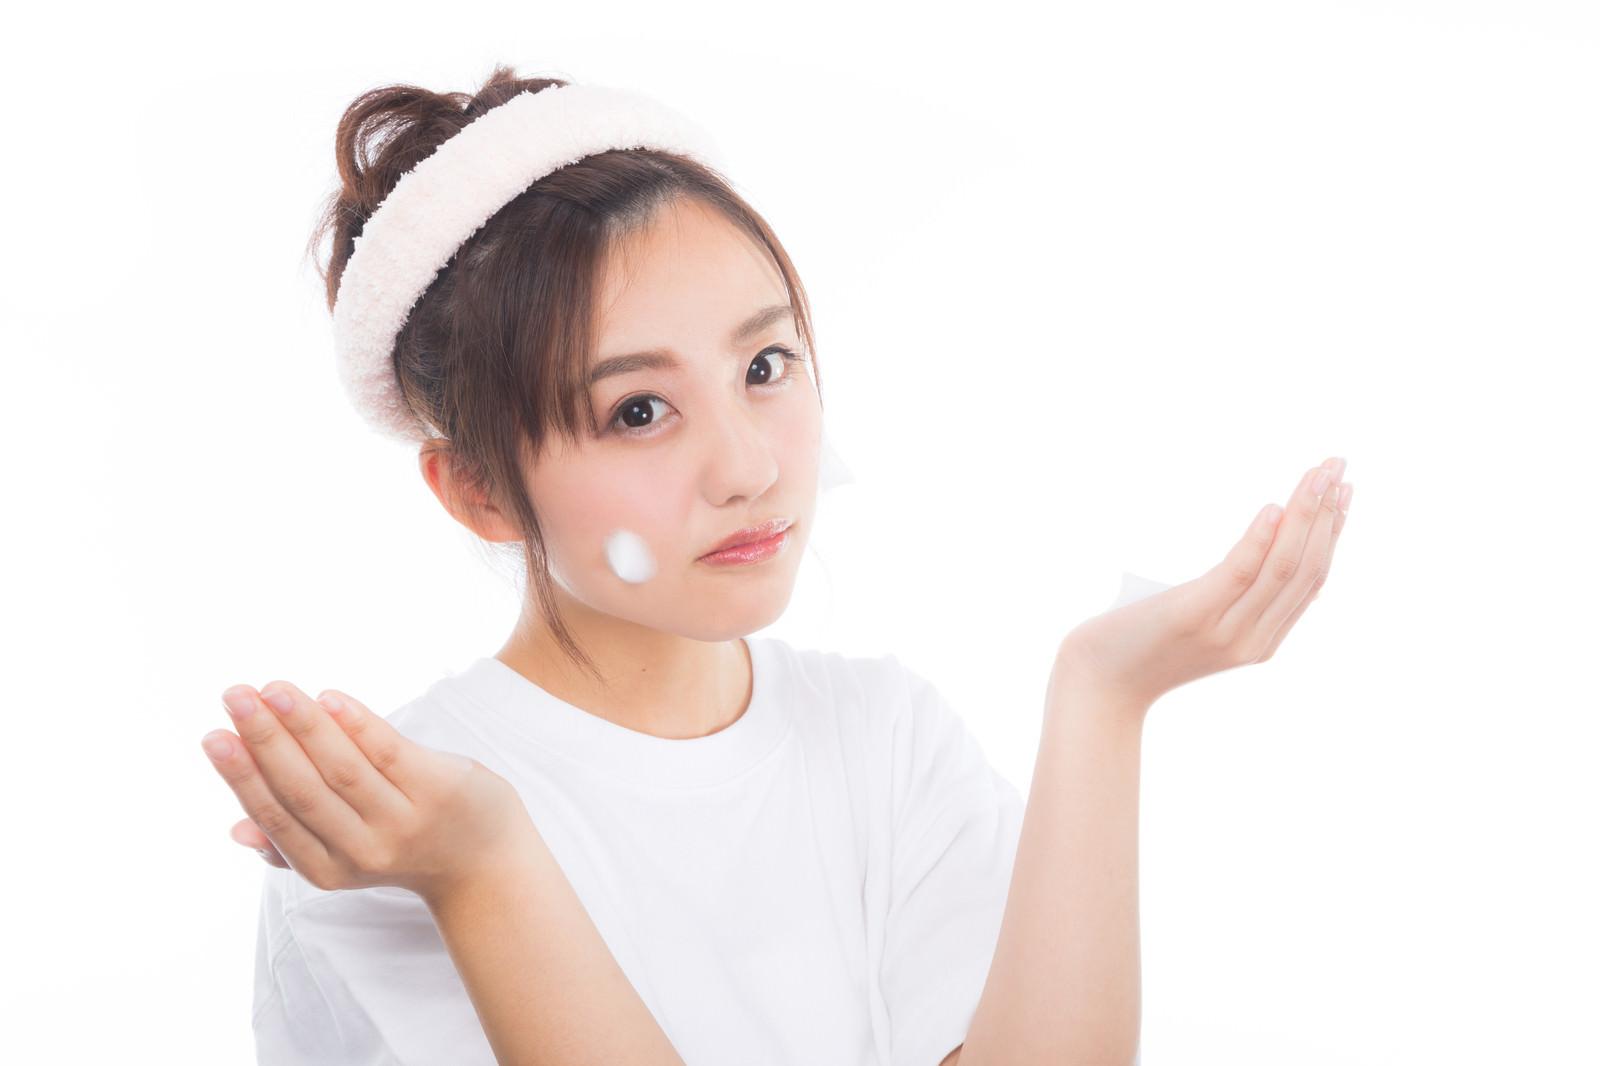 「頬にクレンジングの泡をつける女性」の写真[モデル:河村友歌]